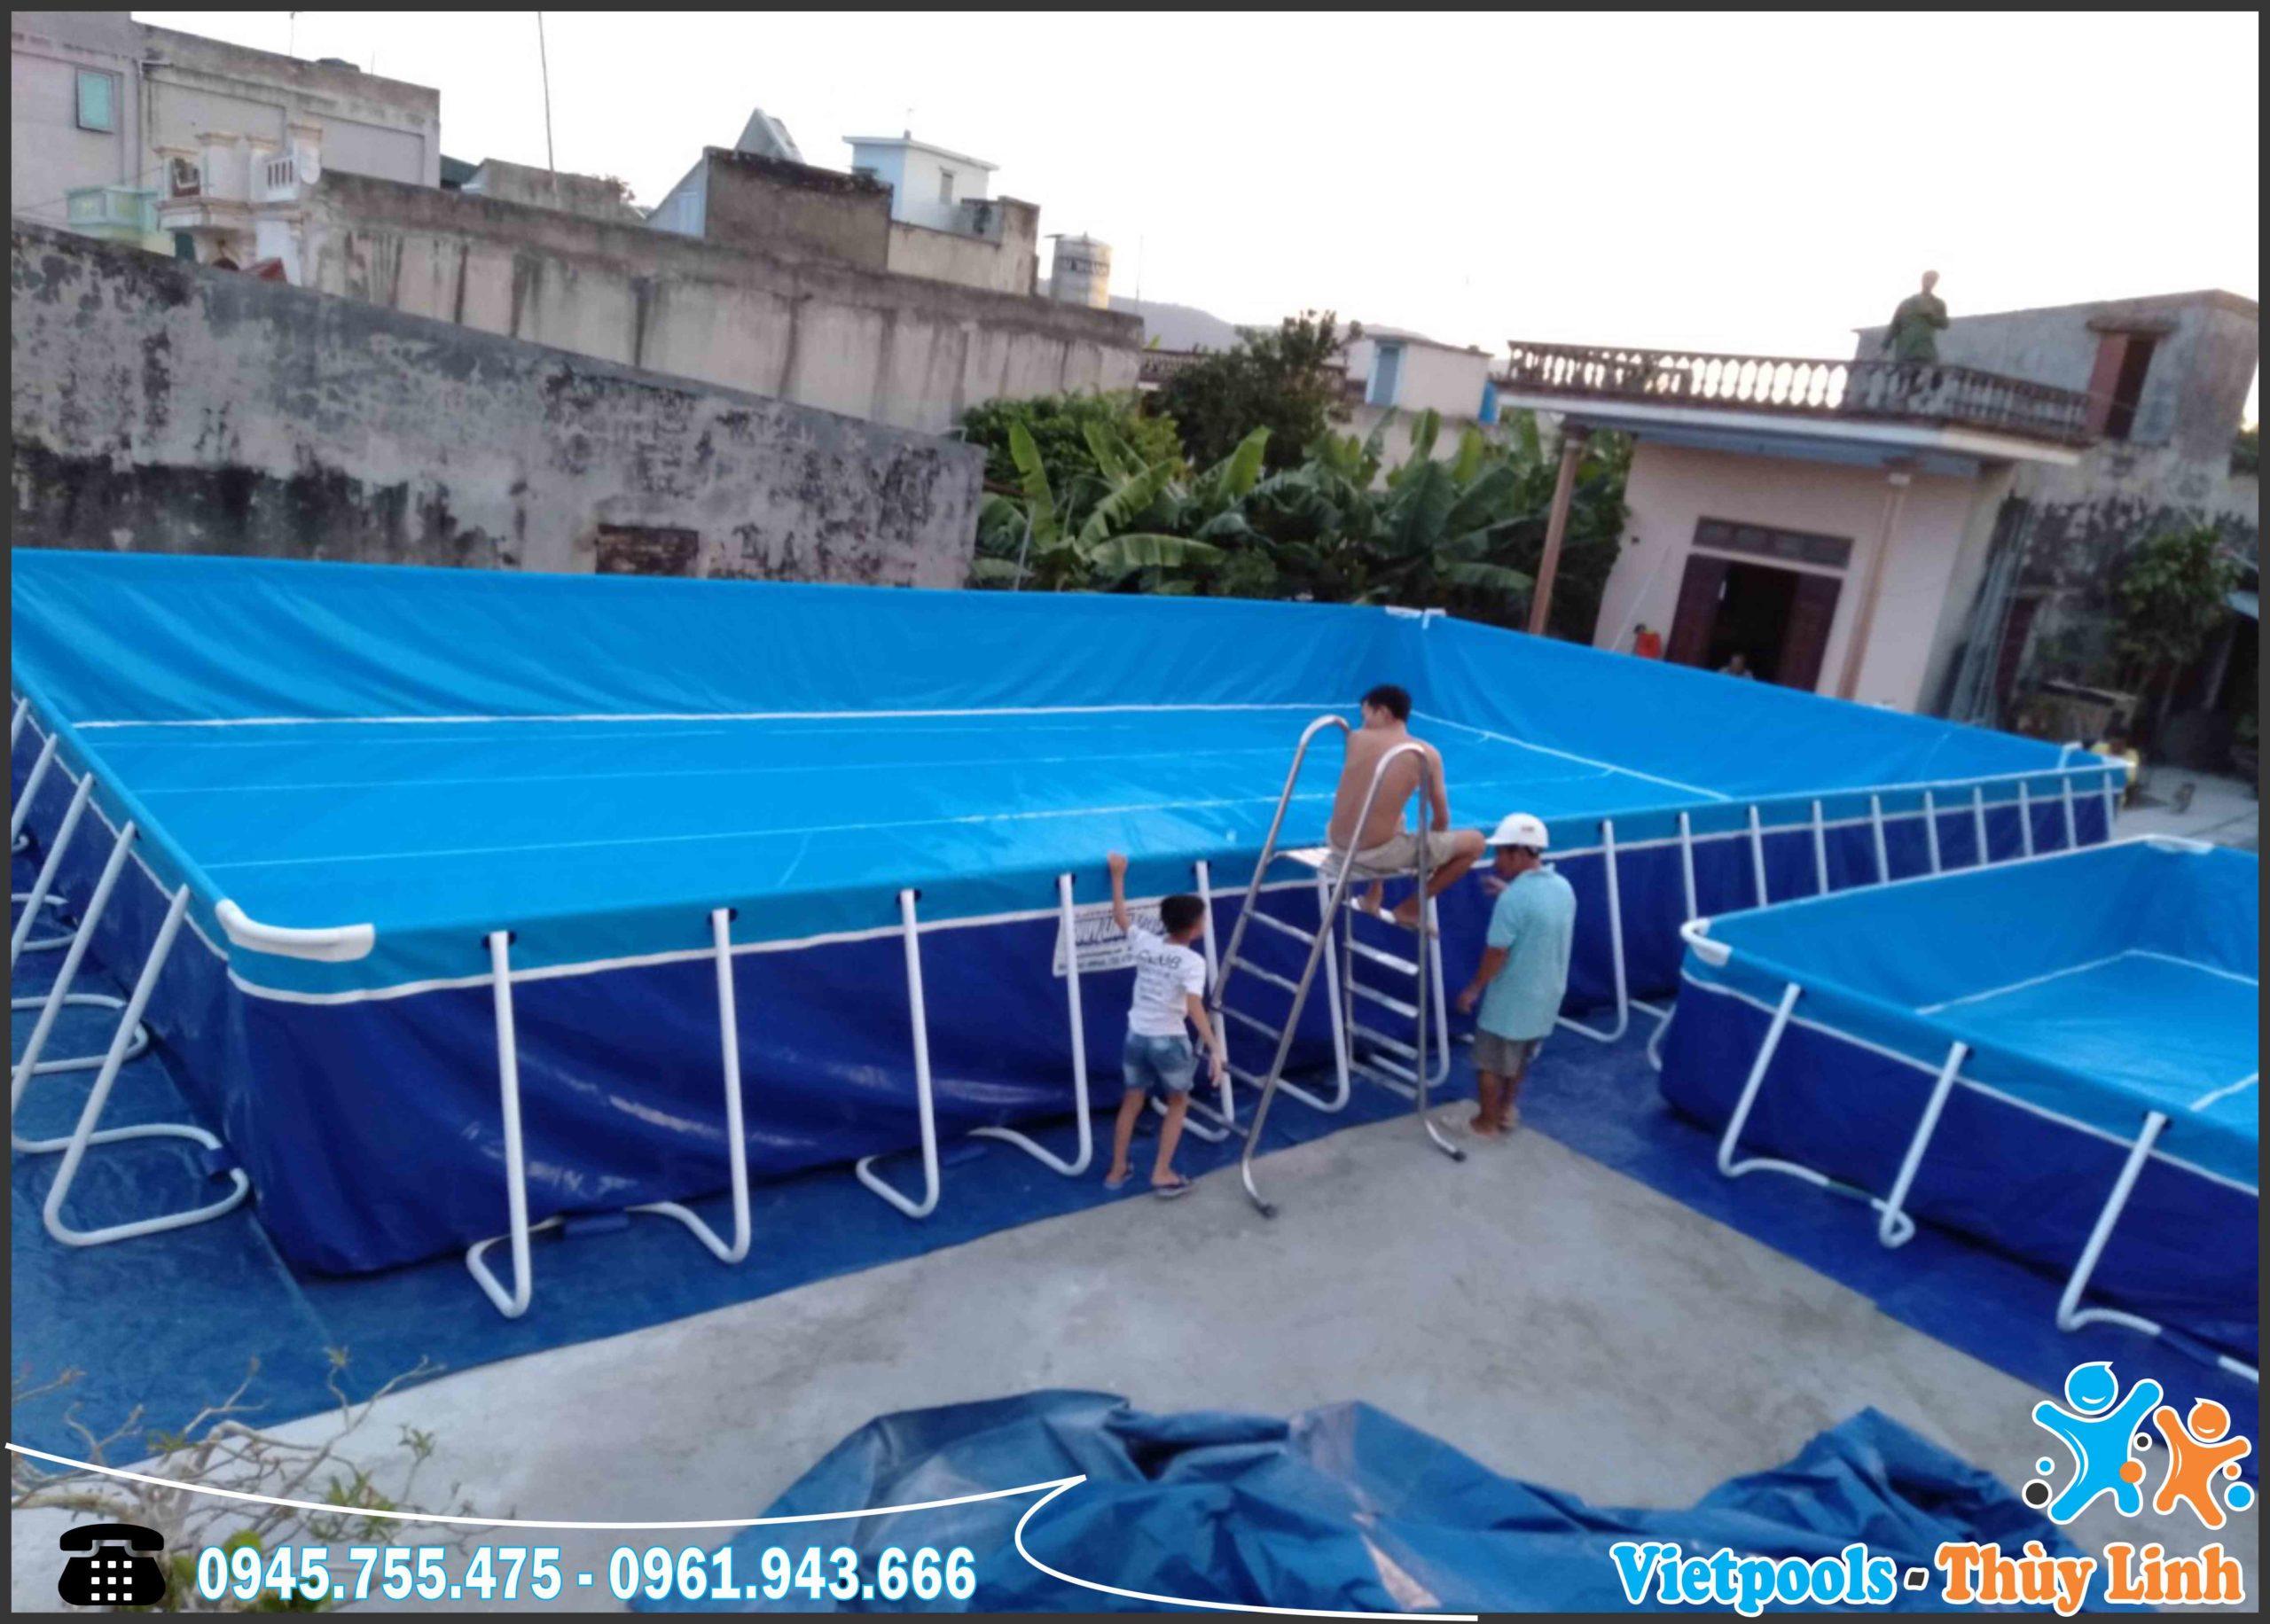 Bể Bơi Di Động Kết Hợp Nhà Hơi Trượt Nước Tại Bình Thuận - 2020 18